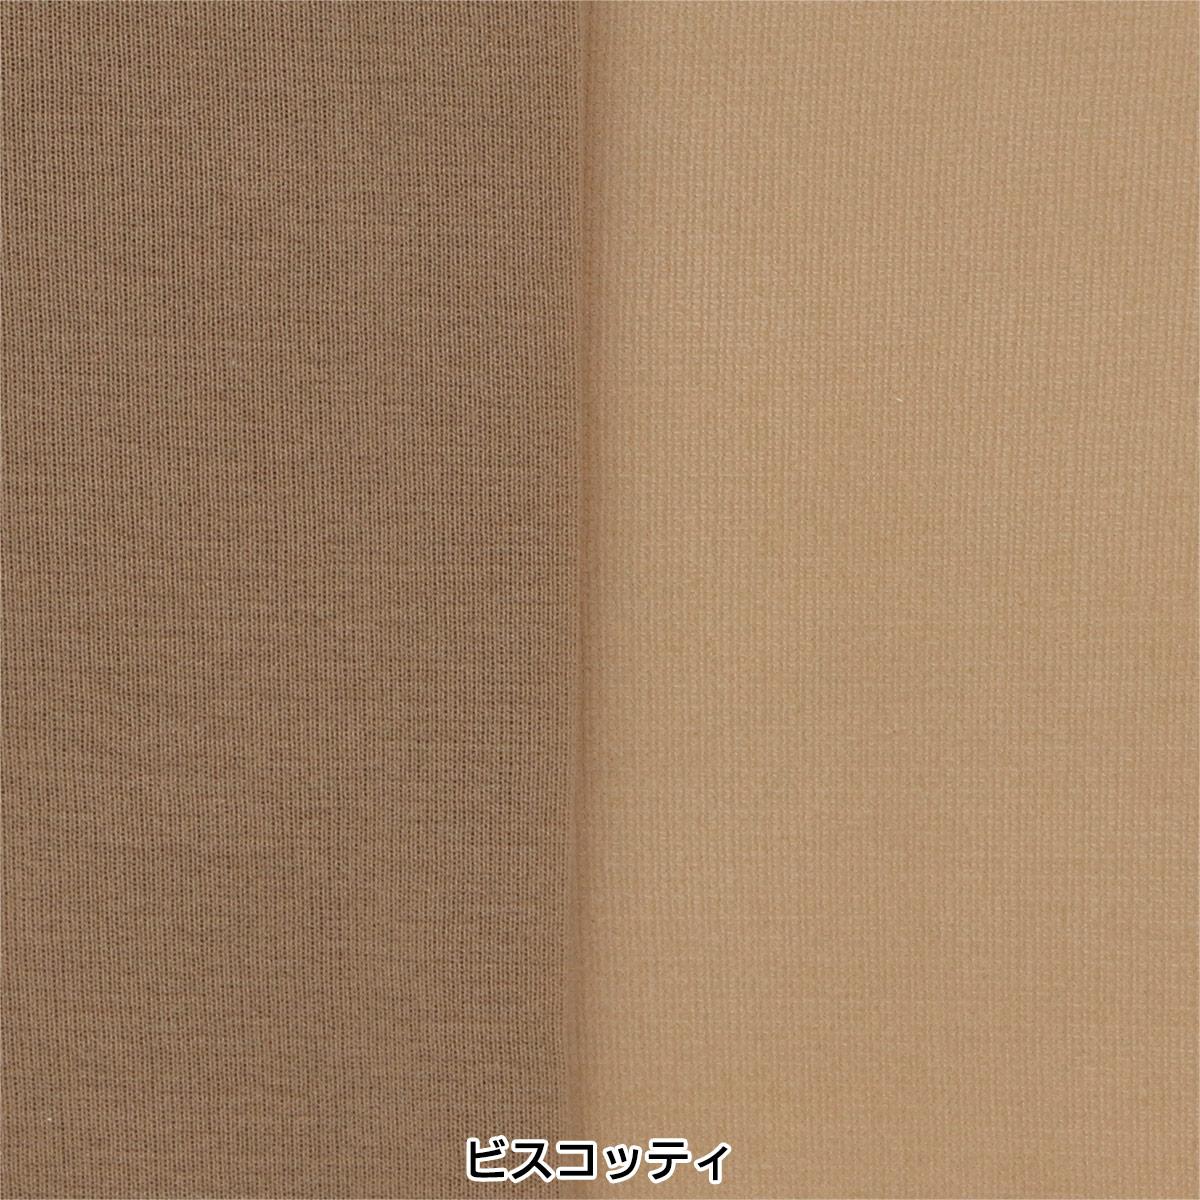 DAKS( ダックス ) しなやかソフトシアー パンティストッキング 高級極細糸(ハイマルチナイロン)使用 レディース 婦人 プレゼント 贈答 ギフト 01511004